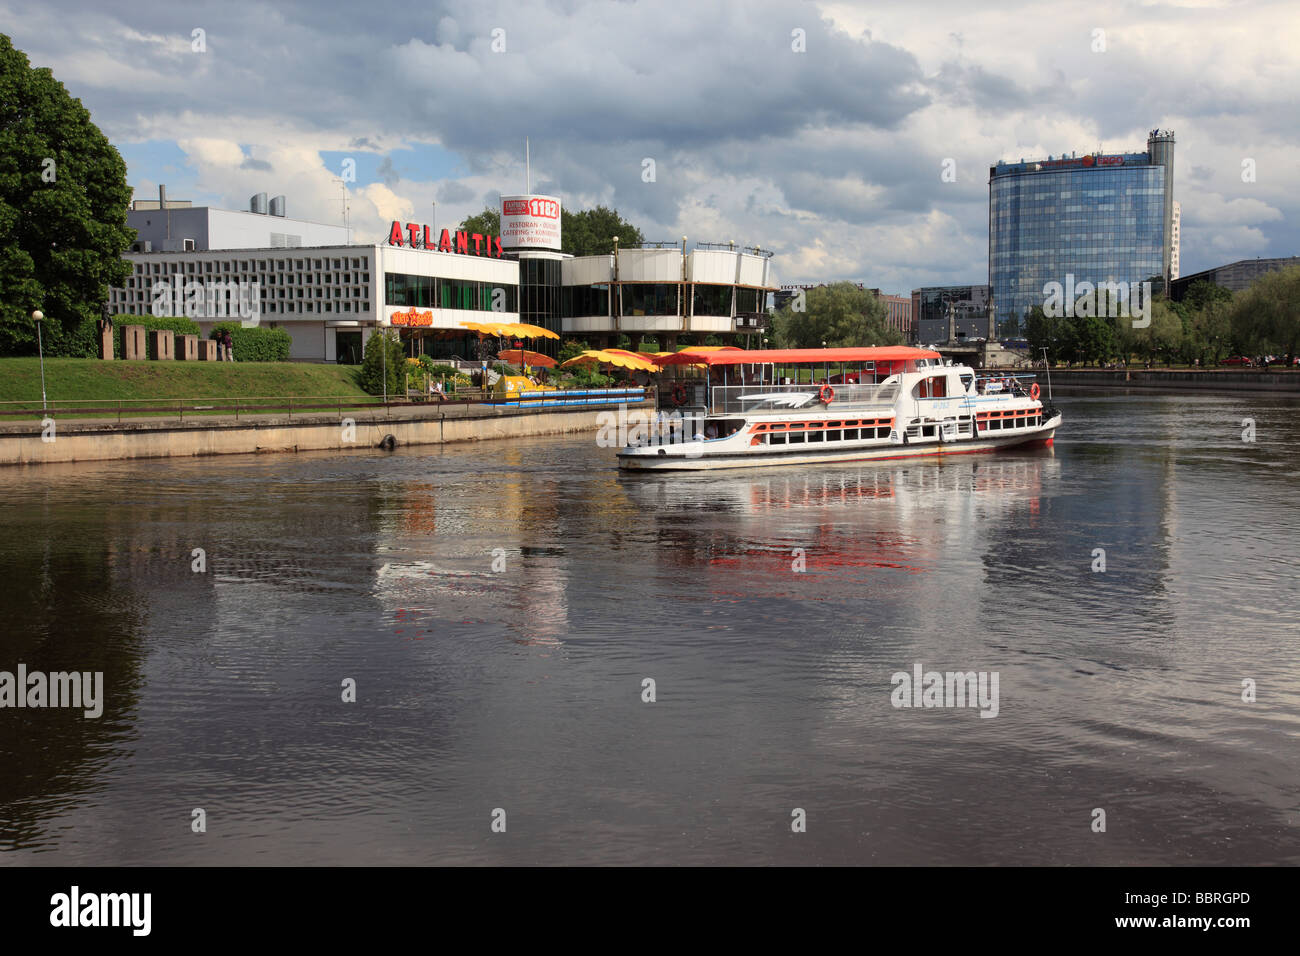 river Emajogi at the city of Tartu, Estonia, Baltic State, Eastern Europe. Photo by Willy Matheisl Stock Photo